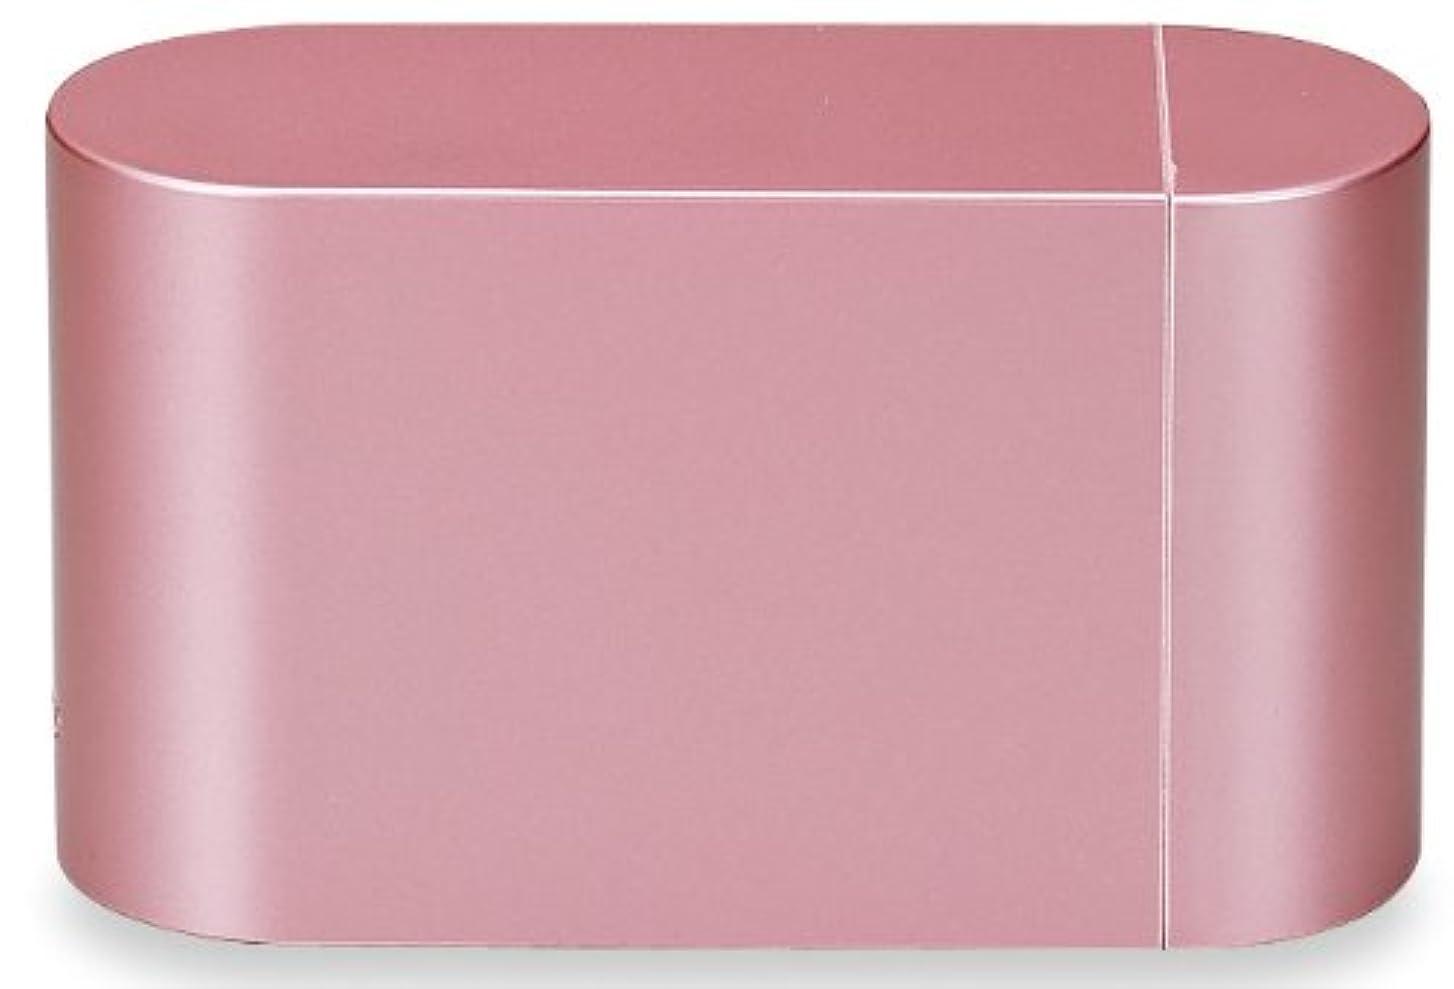 警察署ナース大使館正和 『お弁当箱 ハードケース付き』 BENTO mini メタルピンク 2段箸付き